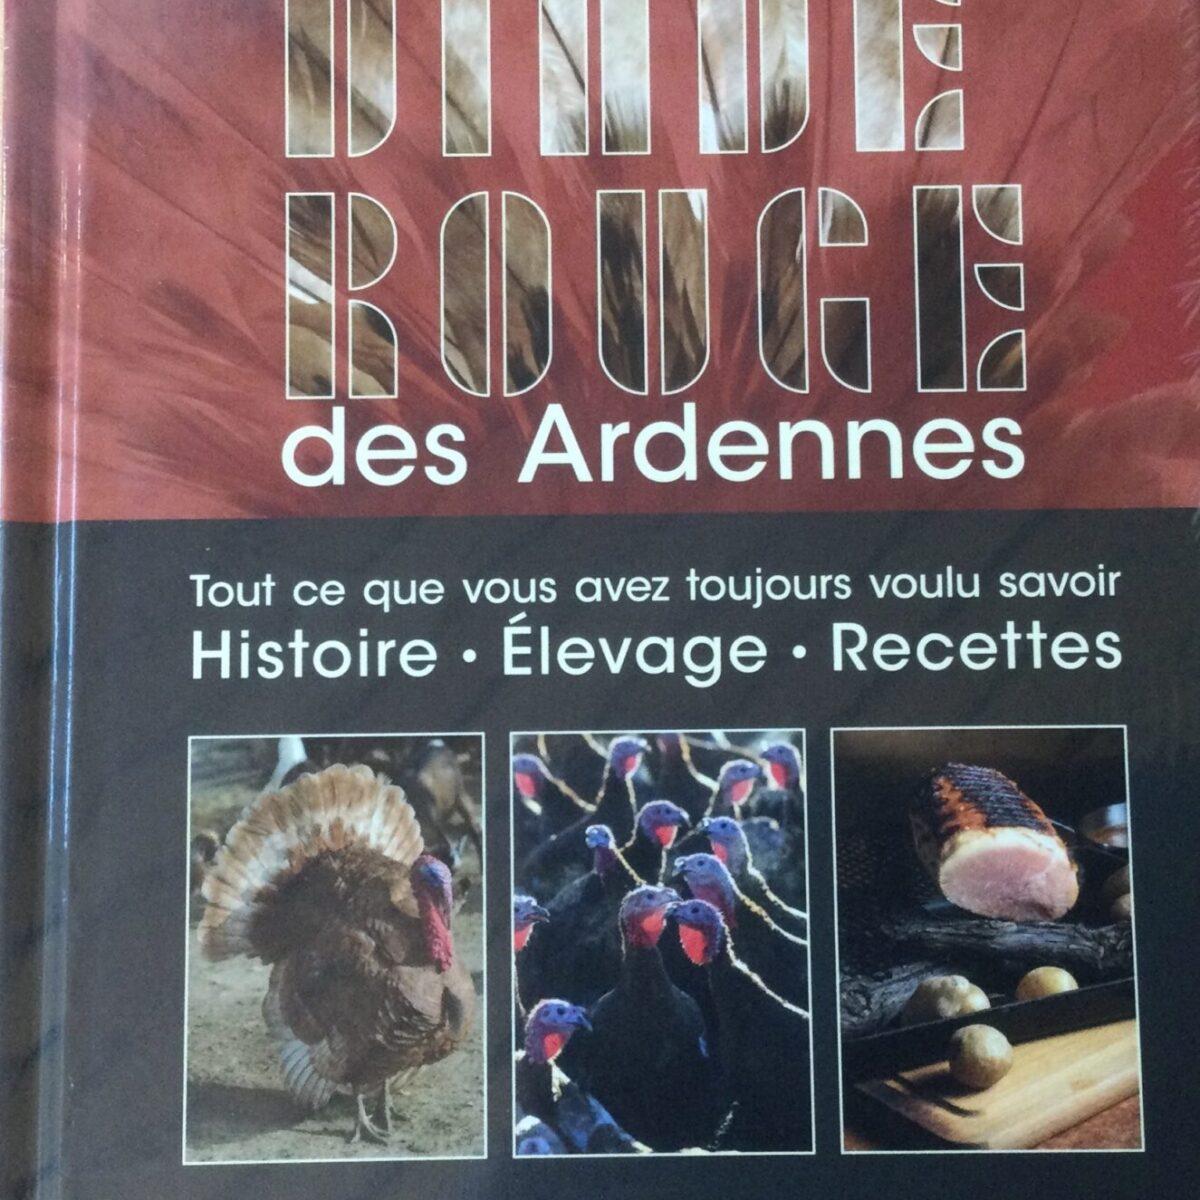 livre dinde rouge (2) min